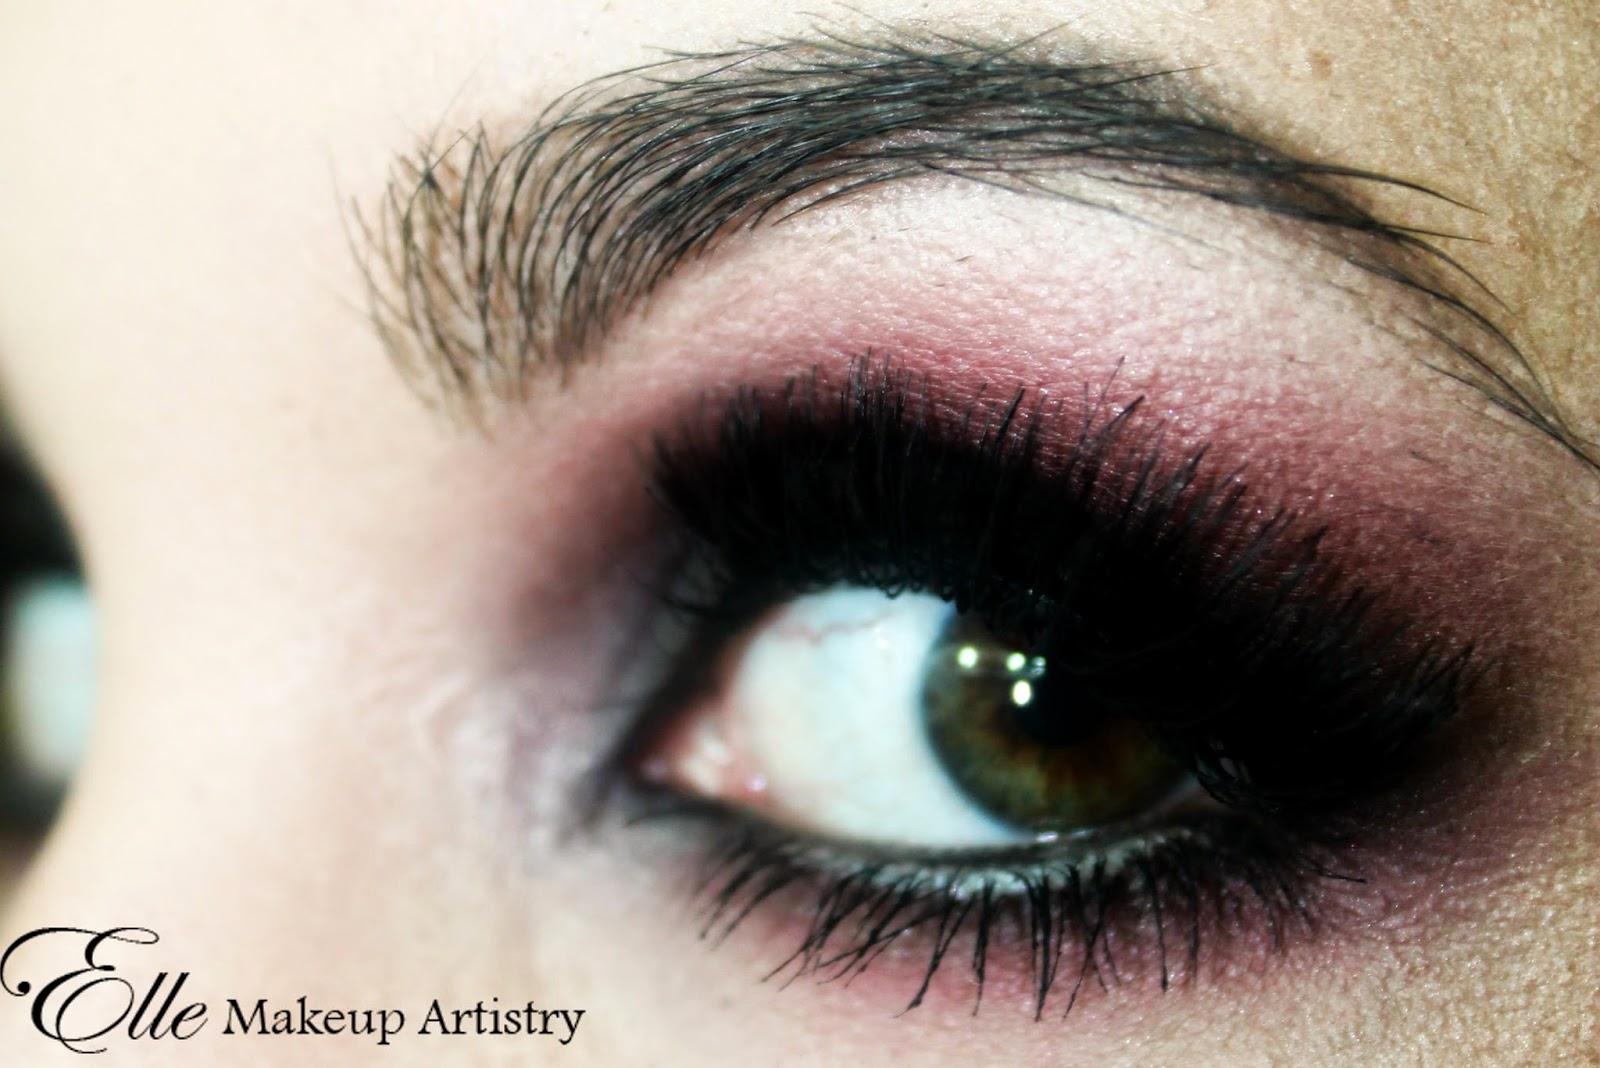 Elle Makeup Artist October 2014